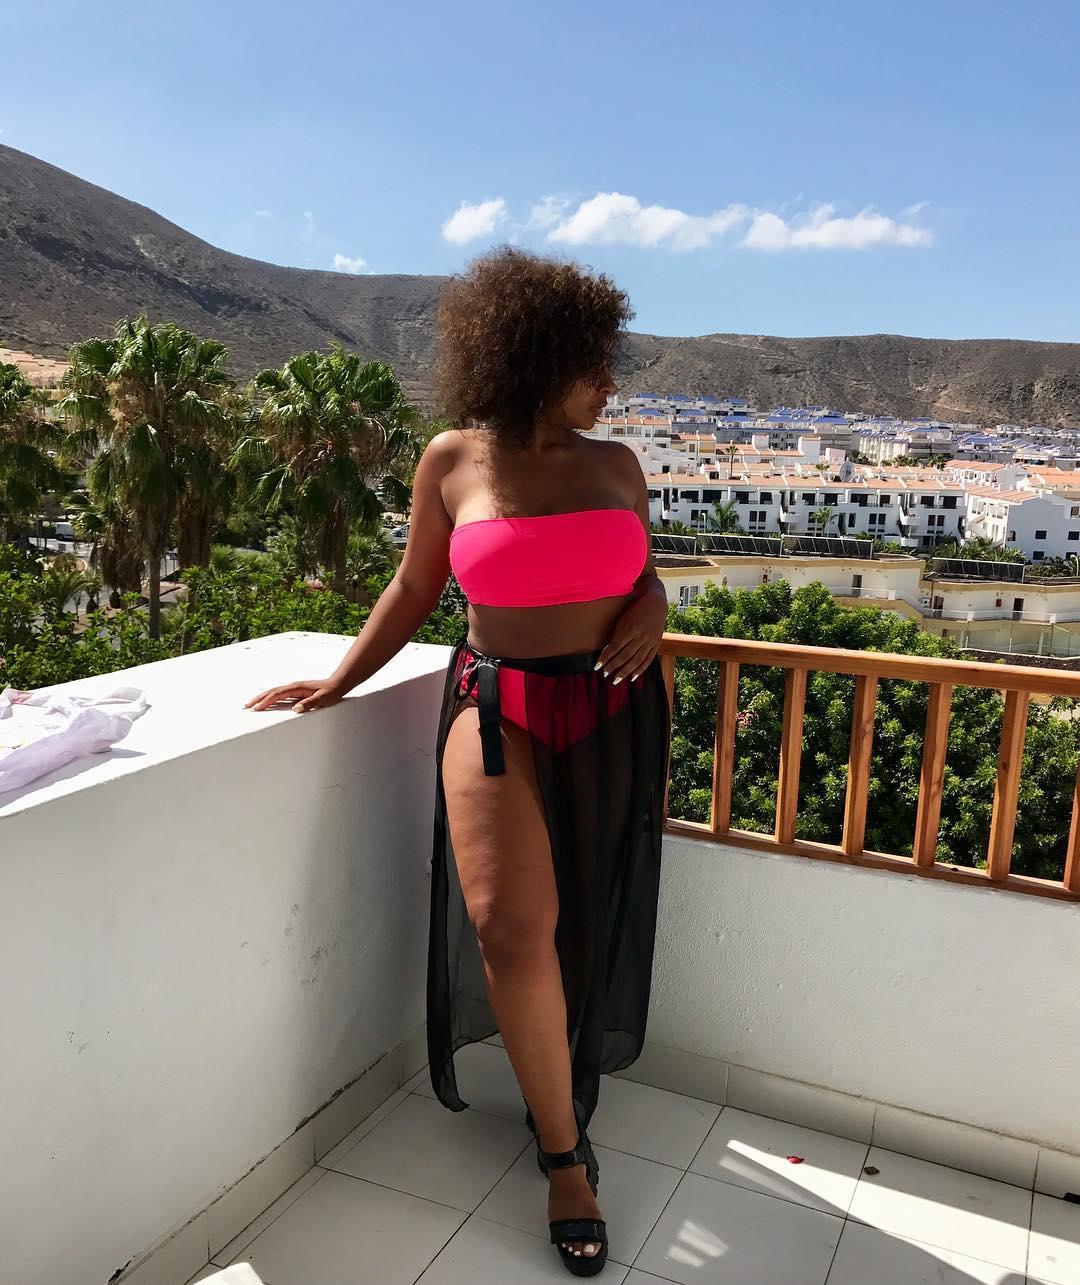 Video Cara Shenton nude photos 2019